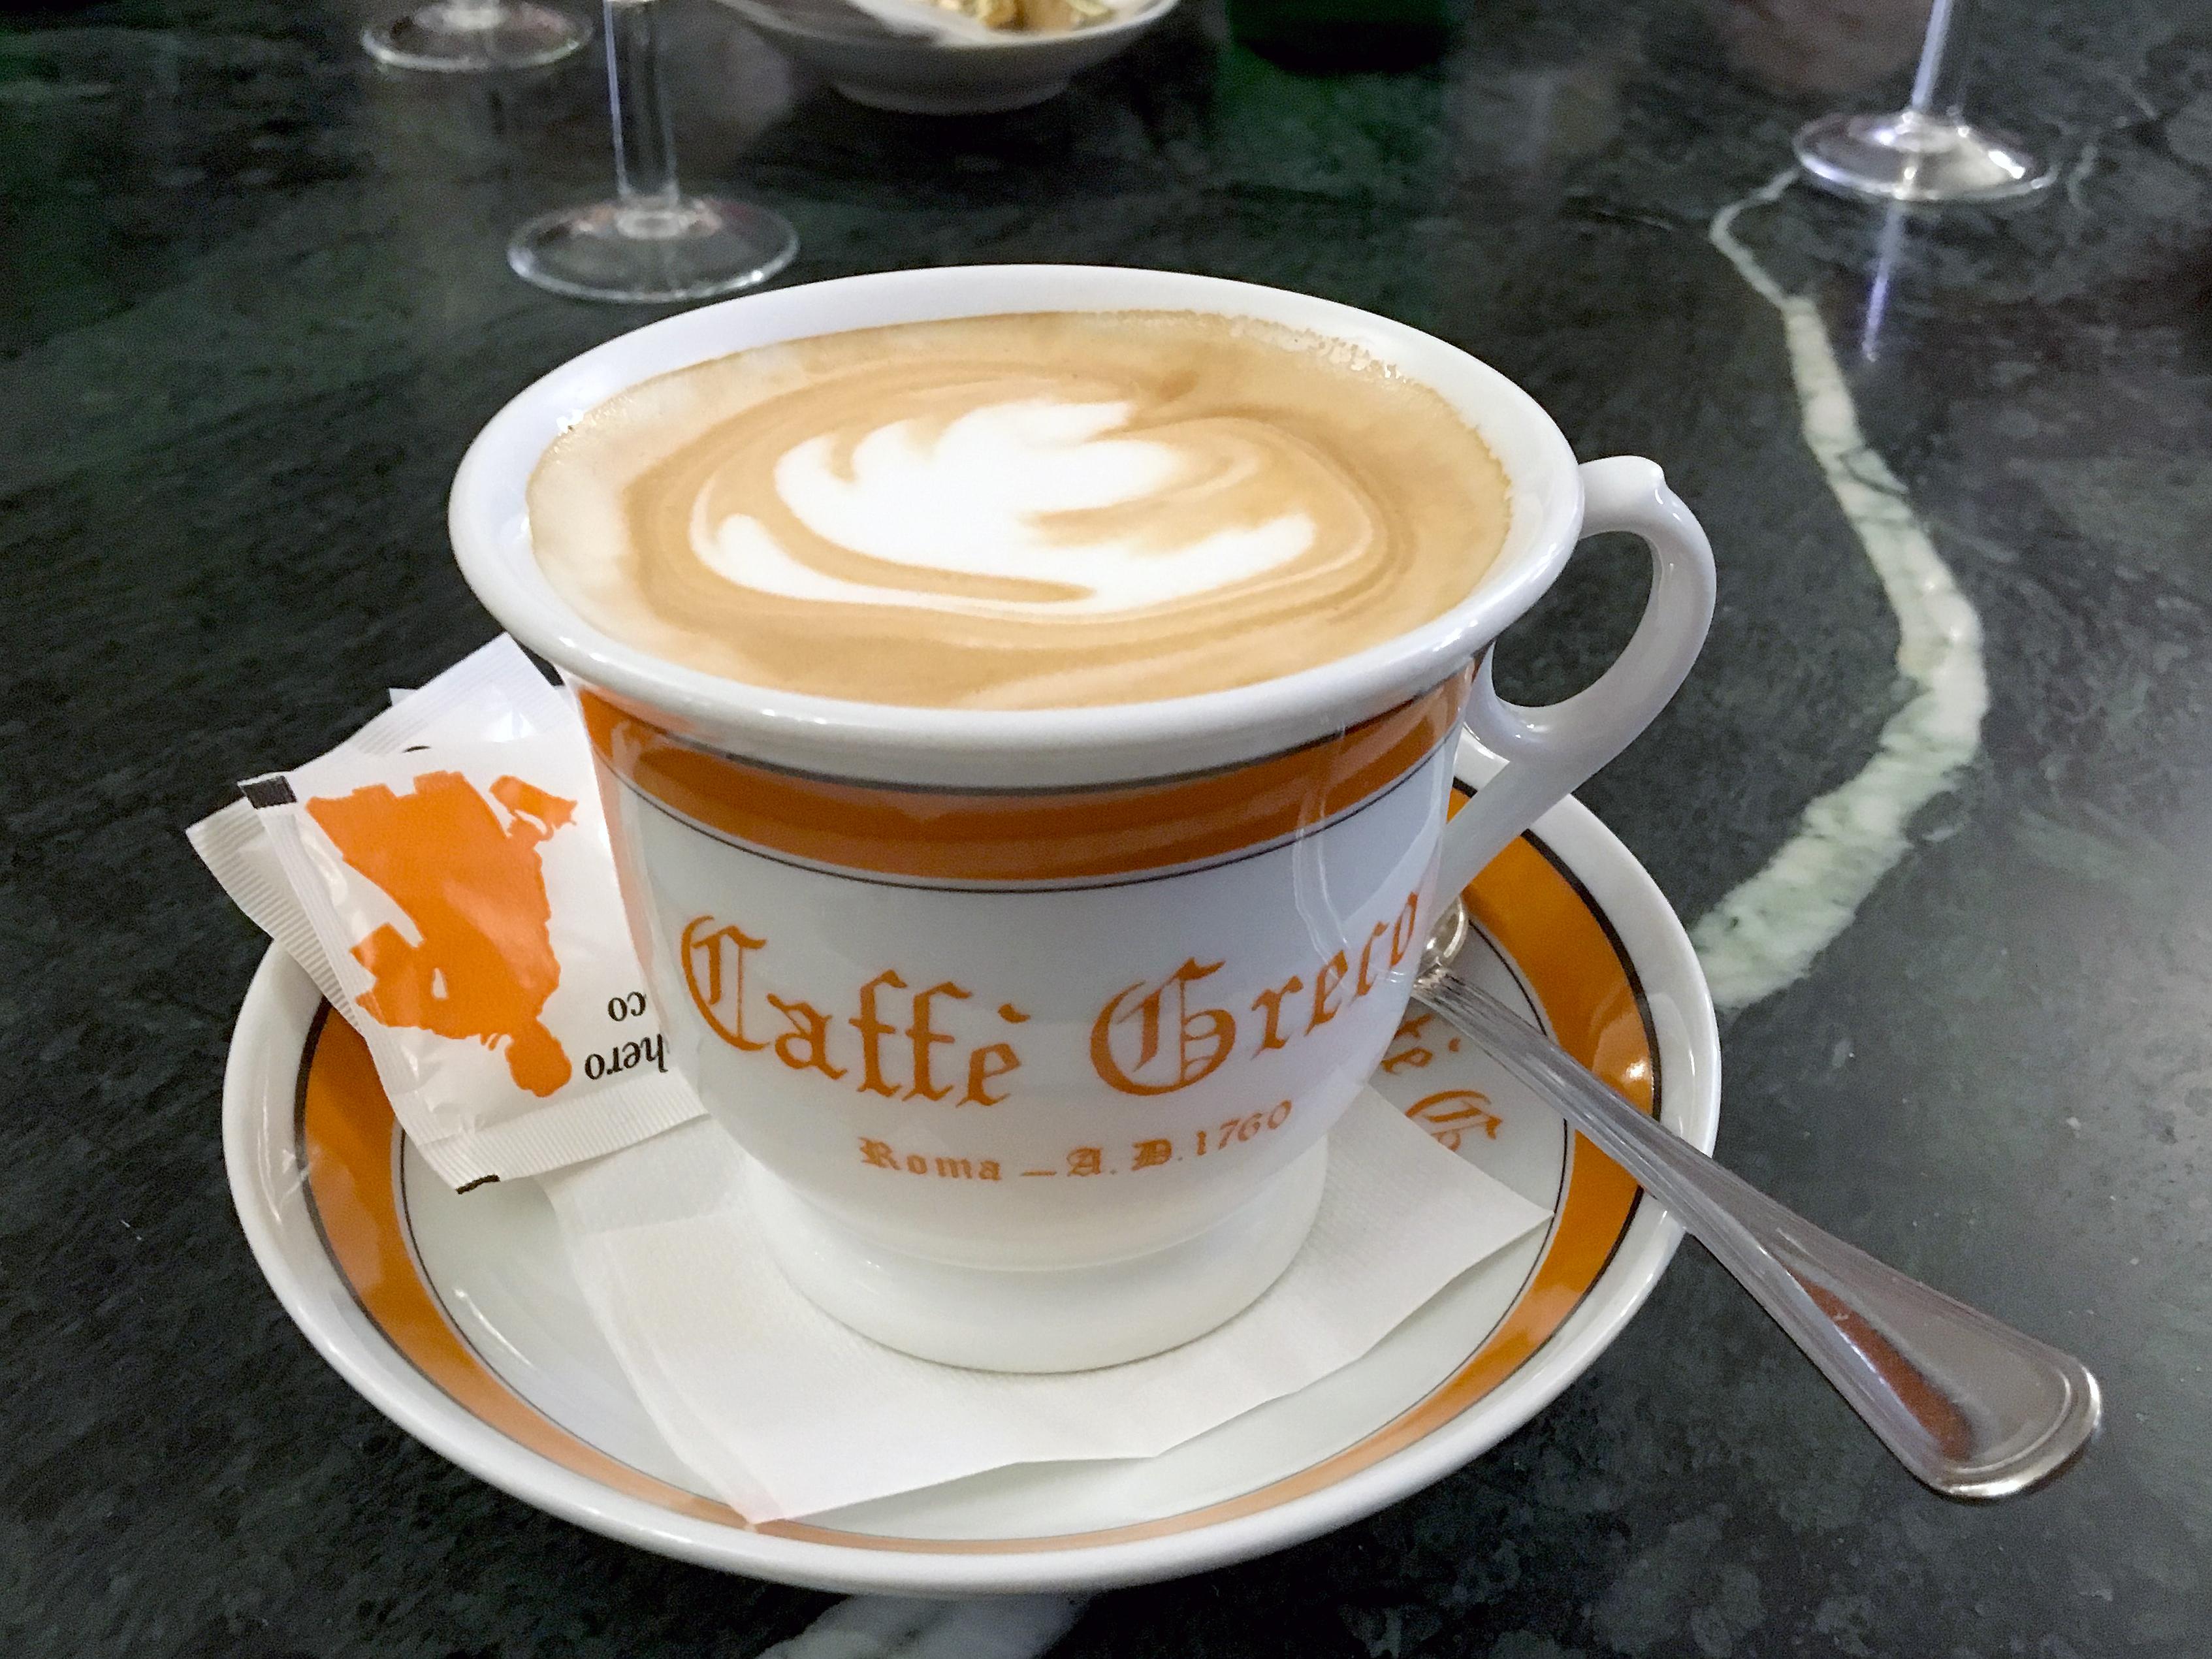 Antico Caffè Greco cappucino